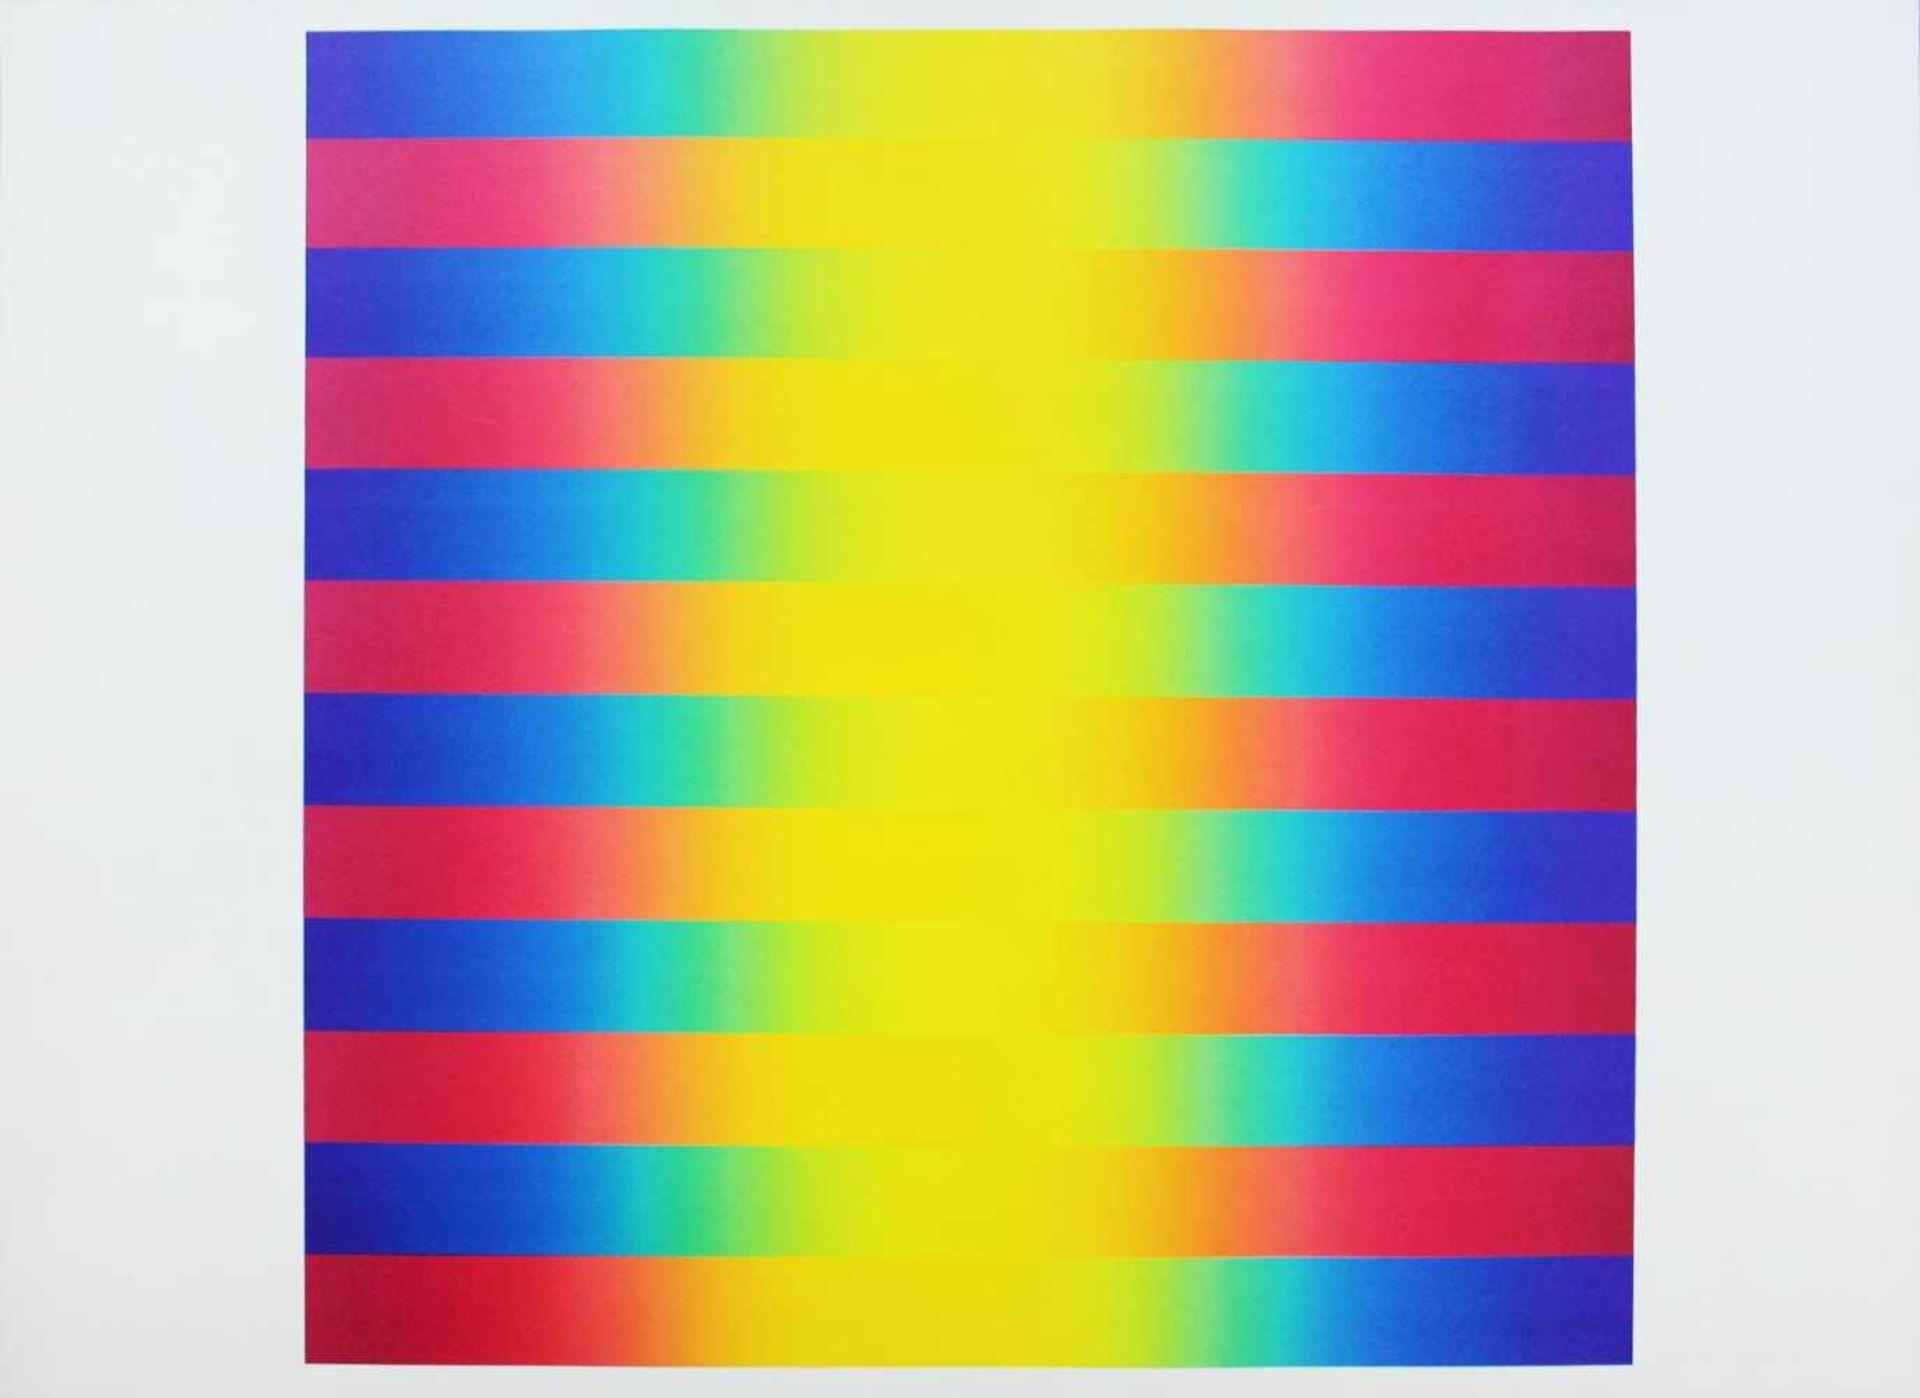 Getulio Alviani geb. 1937 o.T. Farbserigrafie handsigniert und nummeriert XLV/L (45/50) 71 x 100 cm